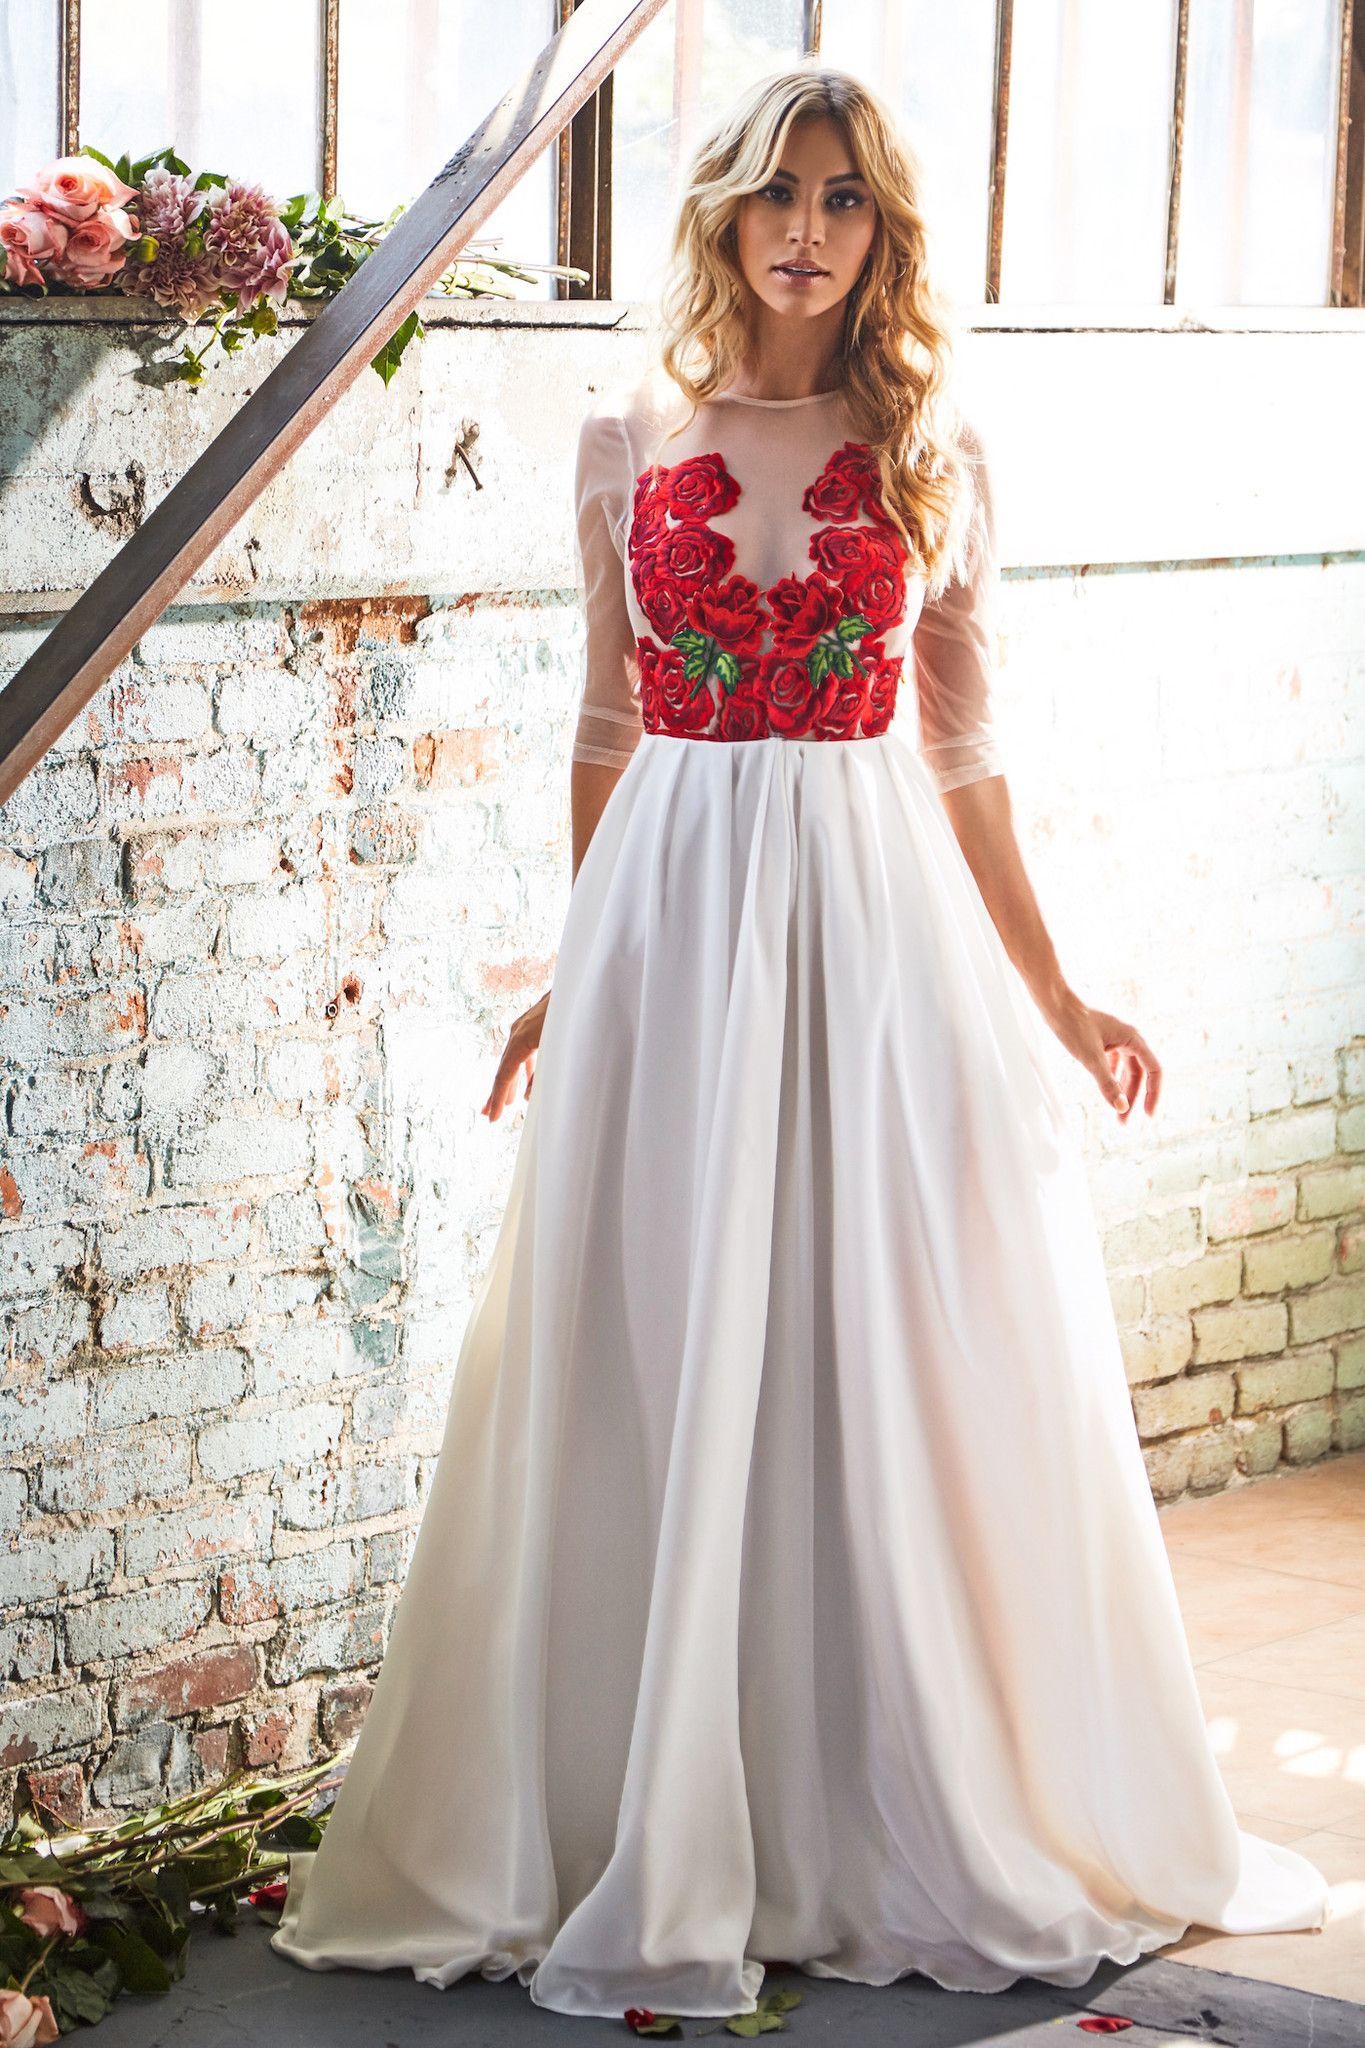 wedding dress - Lurelly Bridal Wedding Dress | fabmood.com